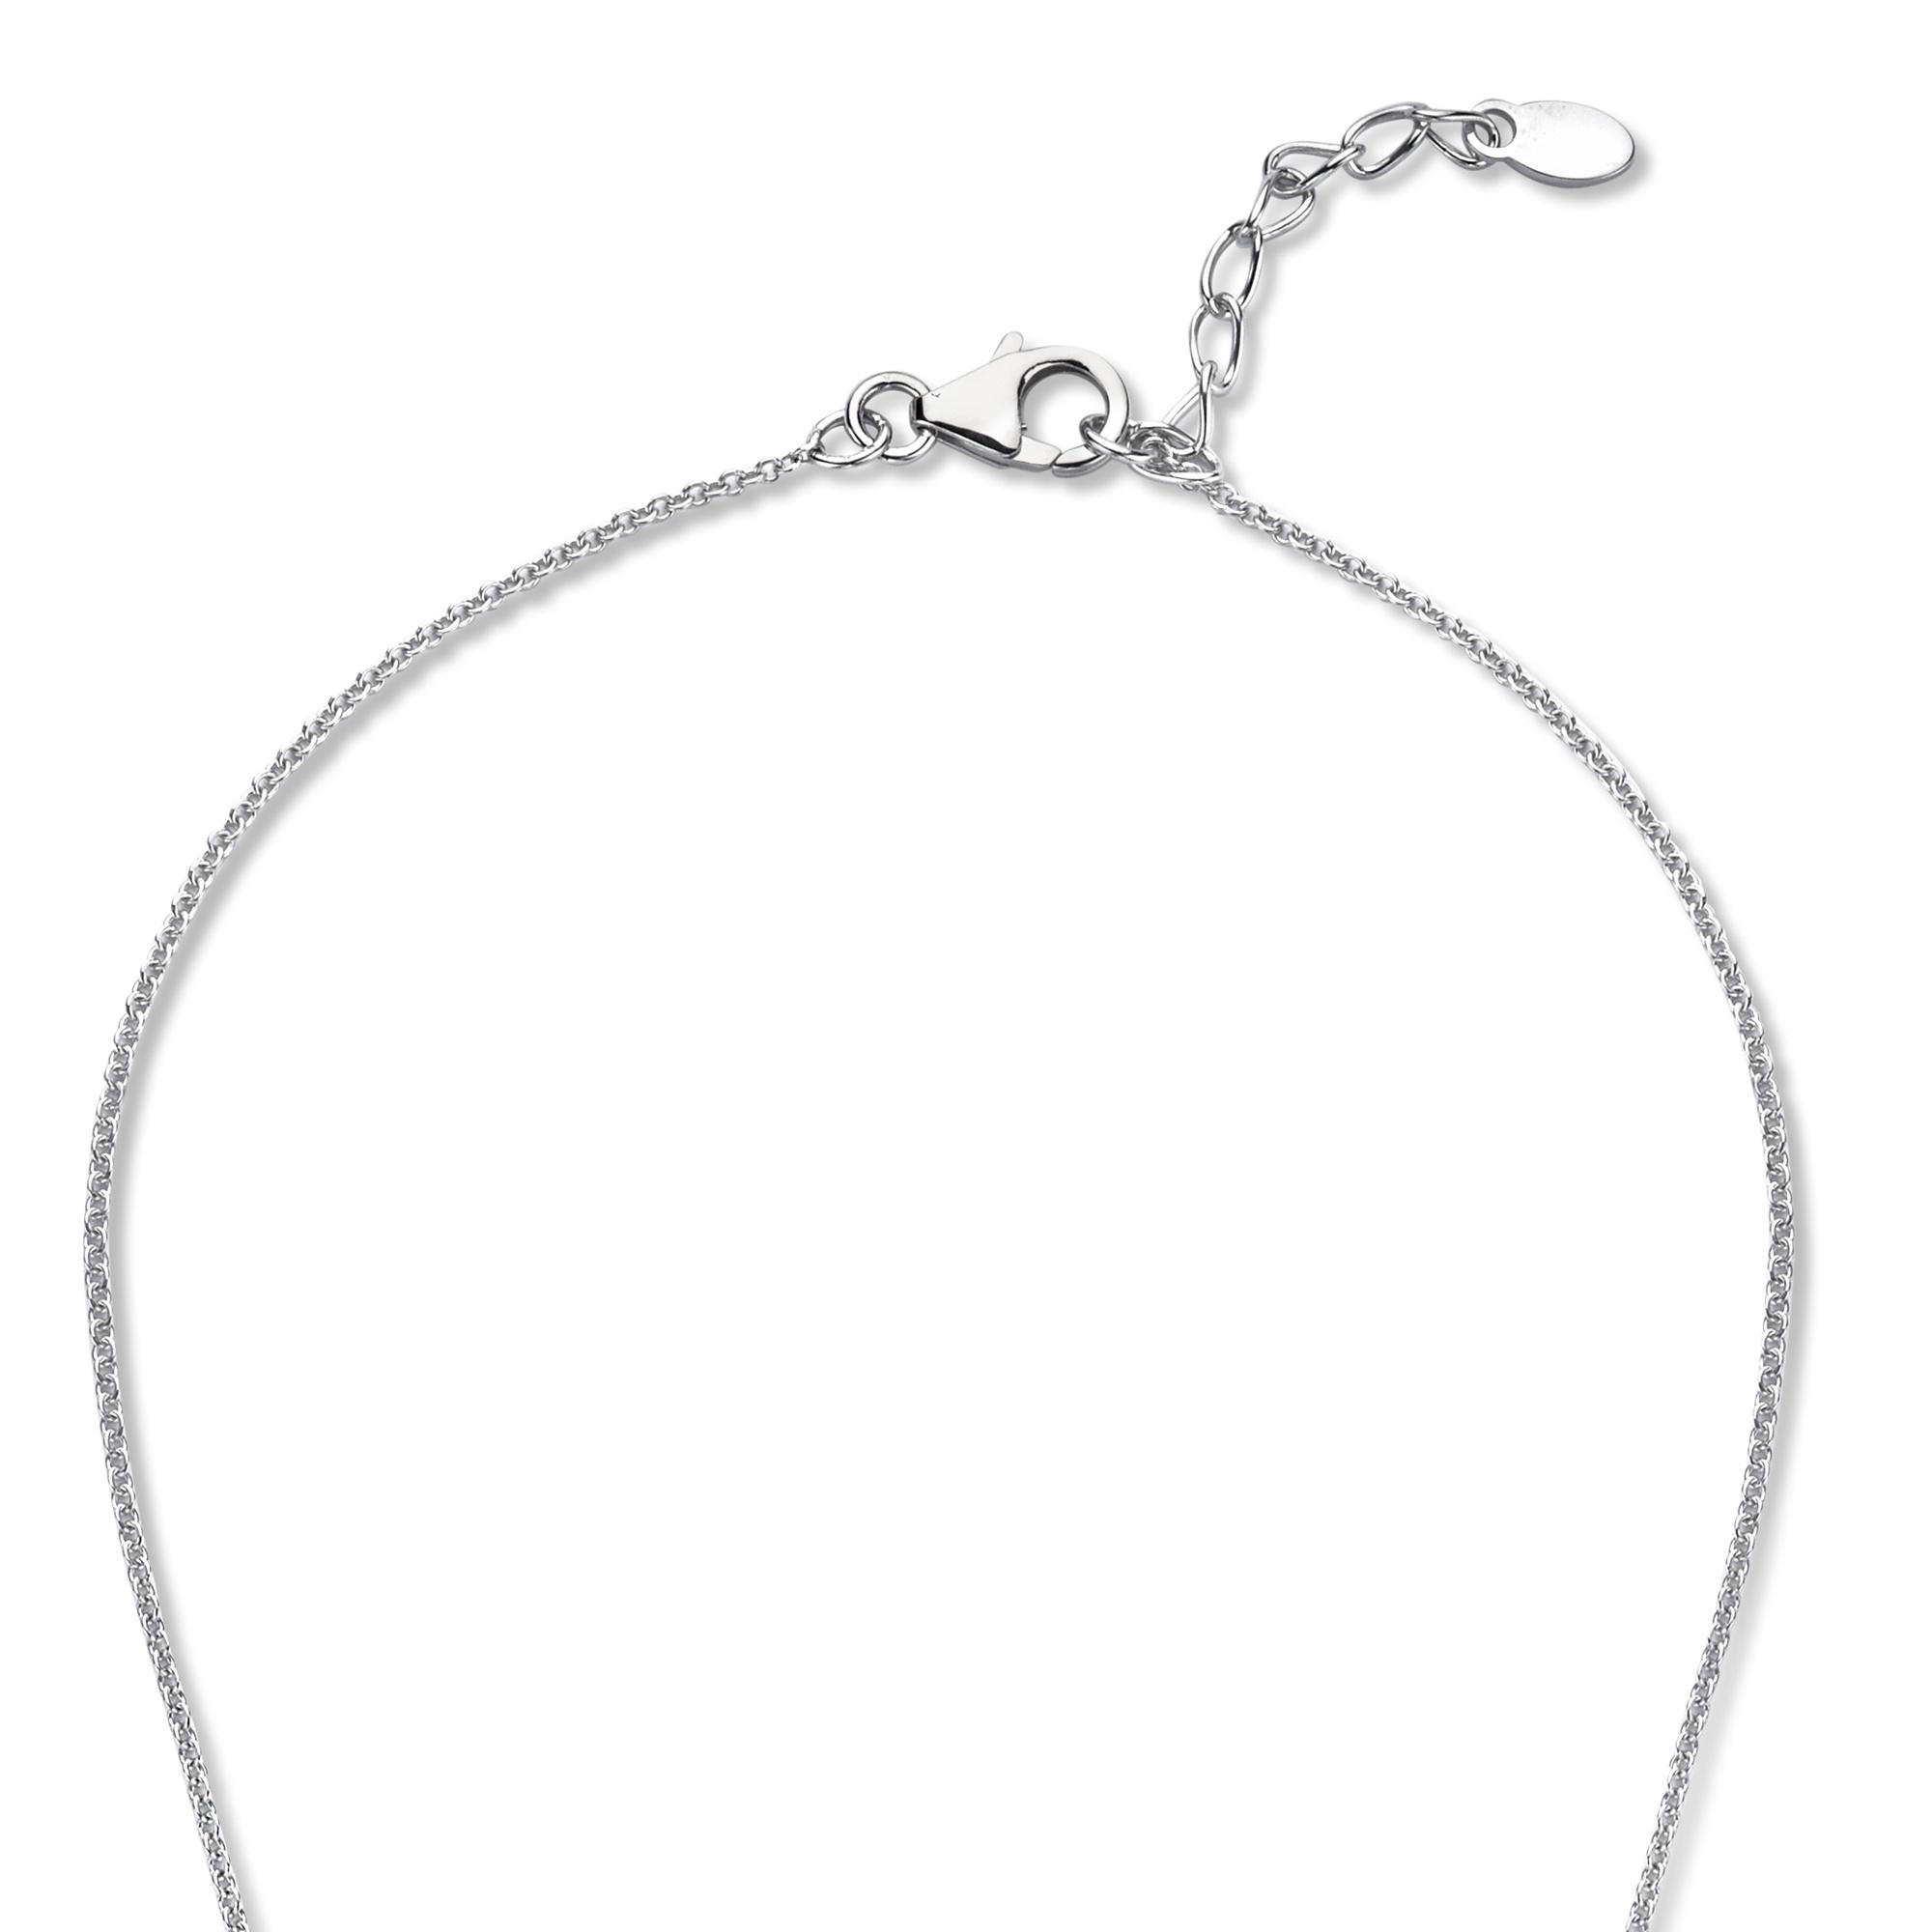 Parte di Me La Sirena Serchio halsband i 925 sterling silver